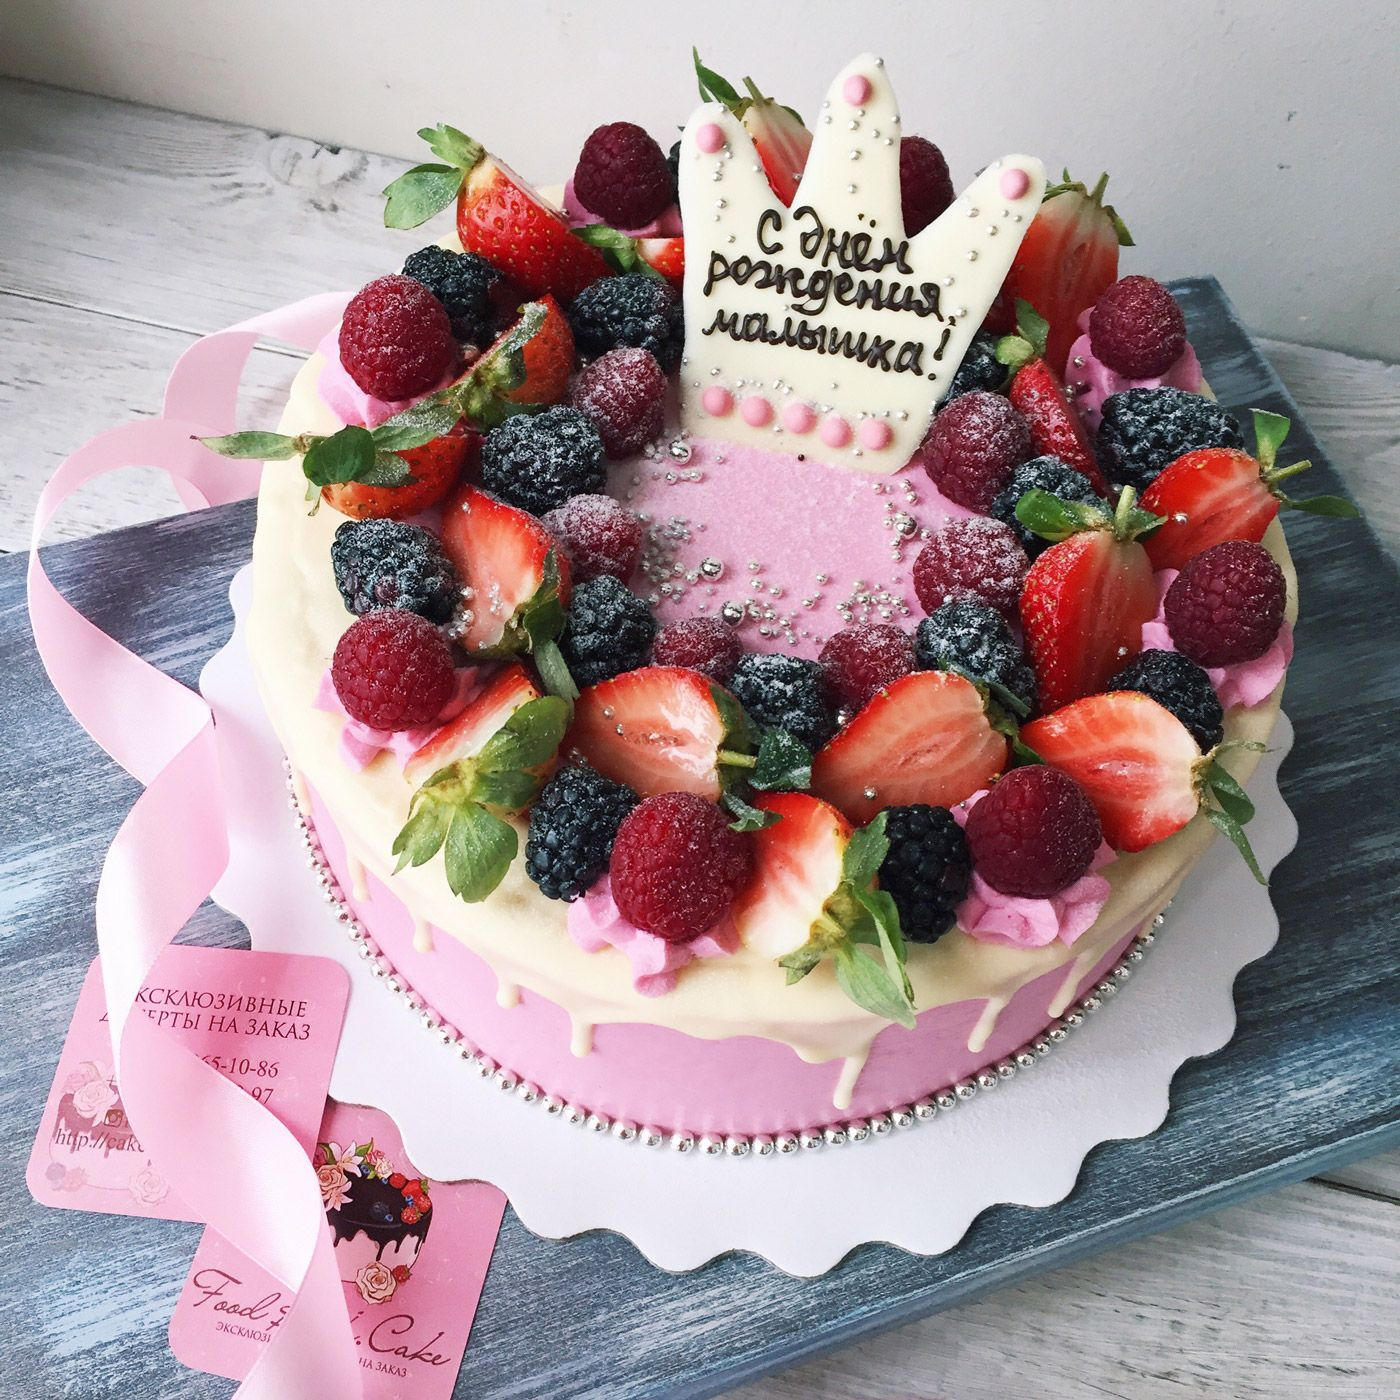 фотография торта с днем рождения ручной работы коллекциях своего бренда